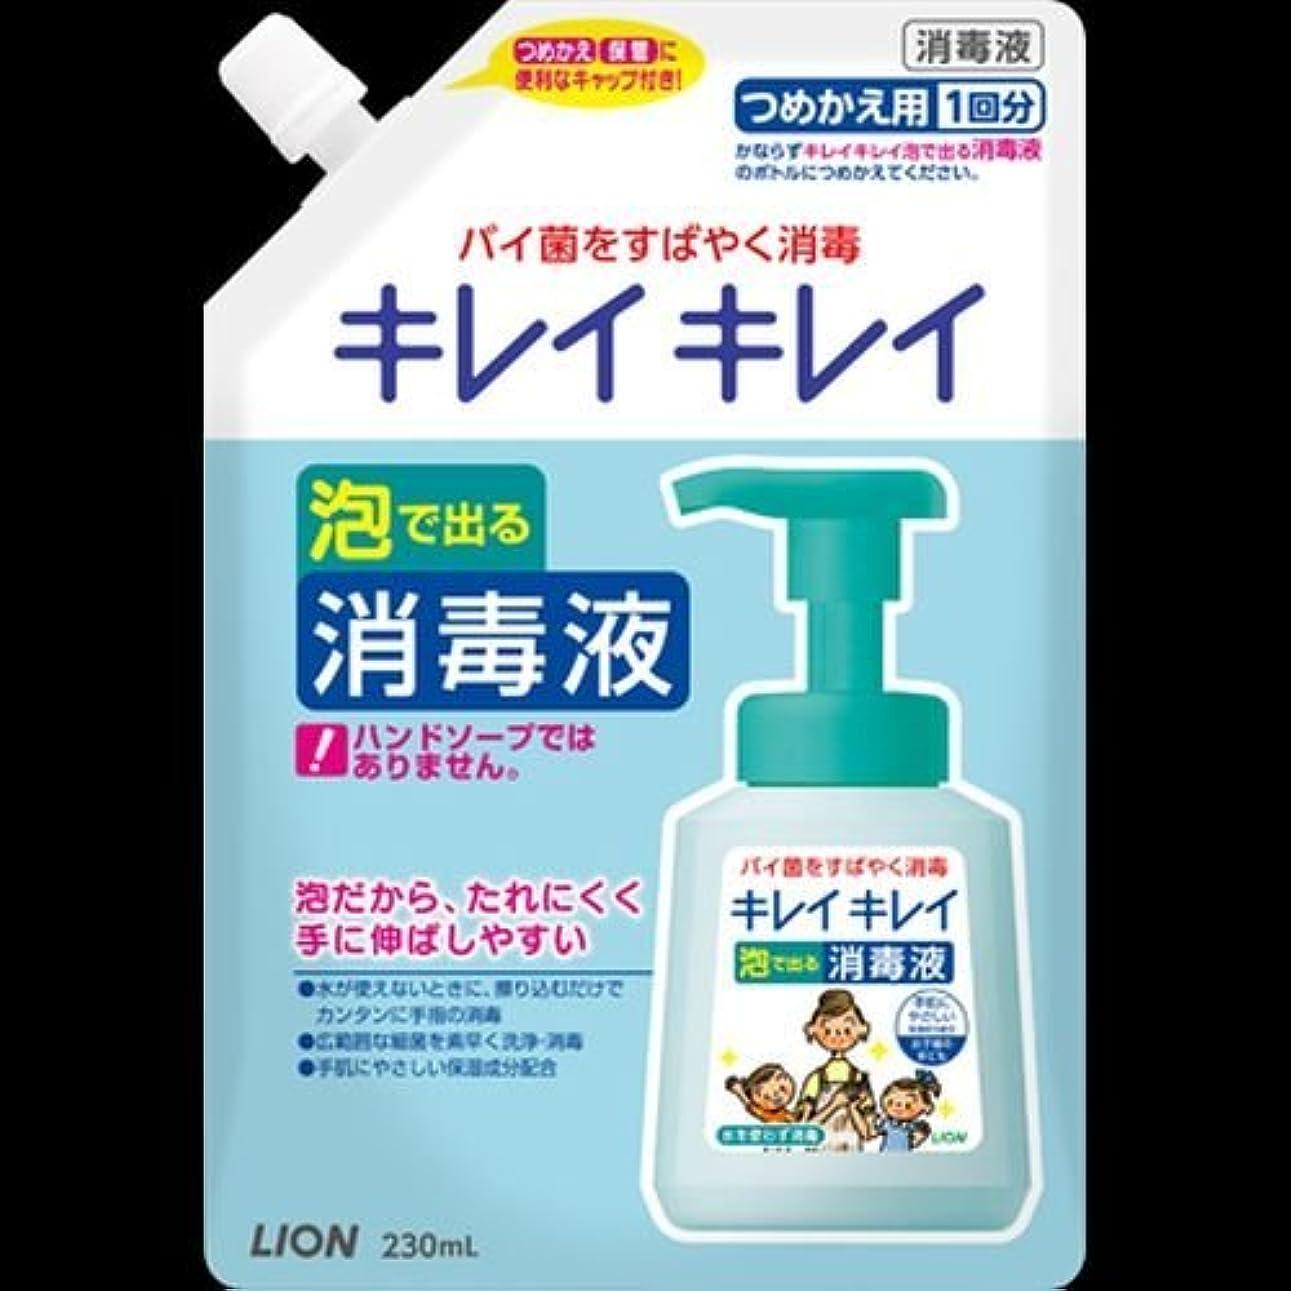 足材料ランチキレイキレイ 薬用泡ででる消毒液 つめかえ用 230mL ×2セット